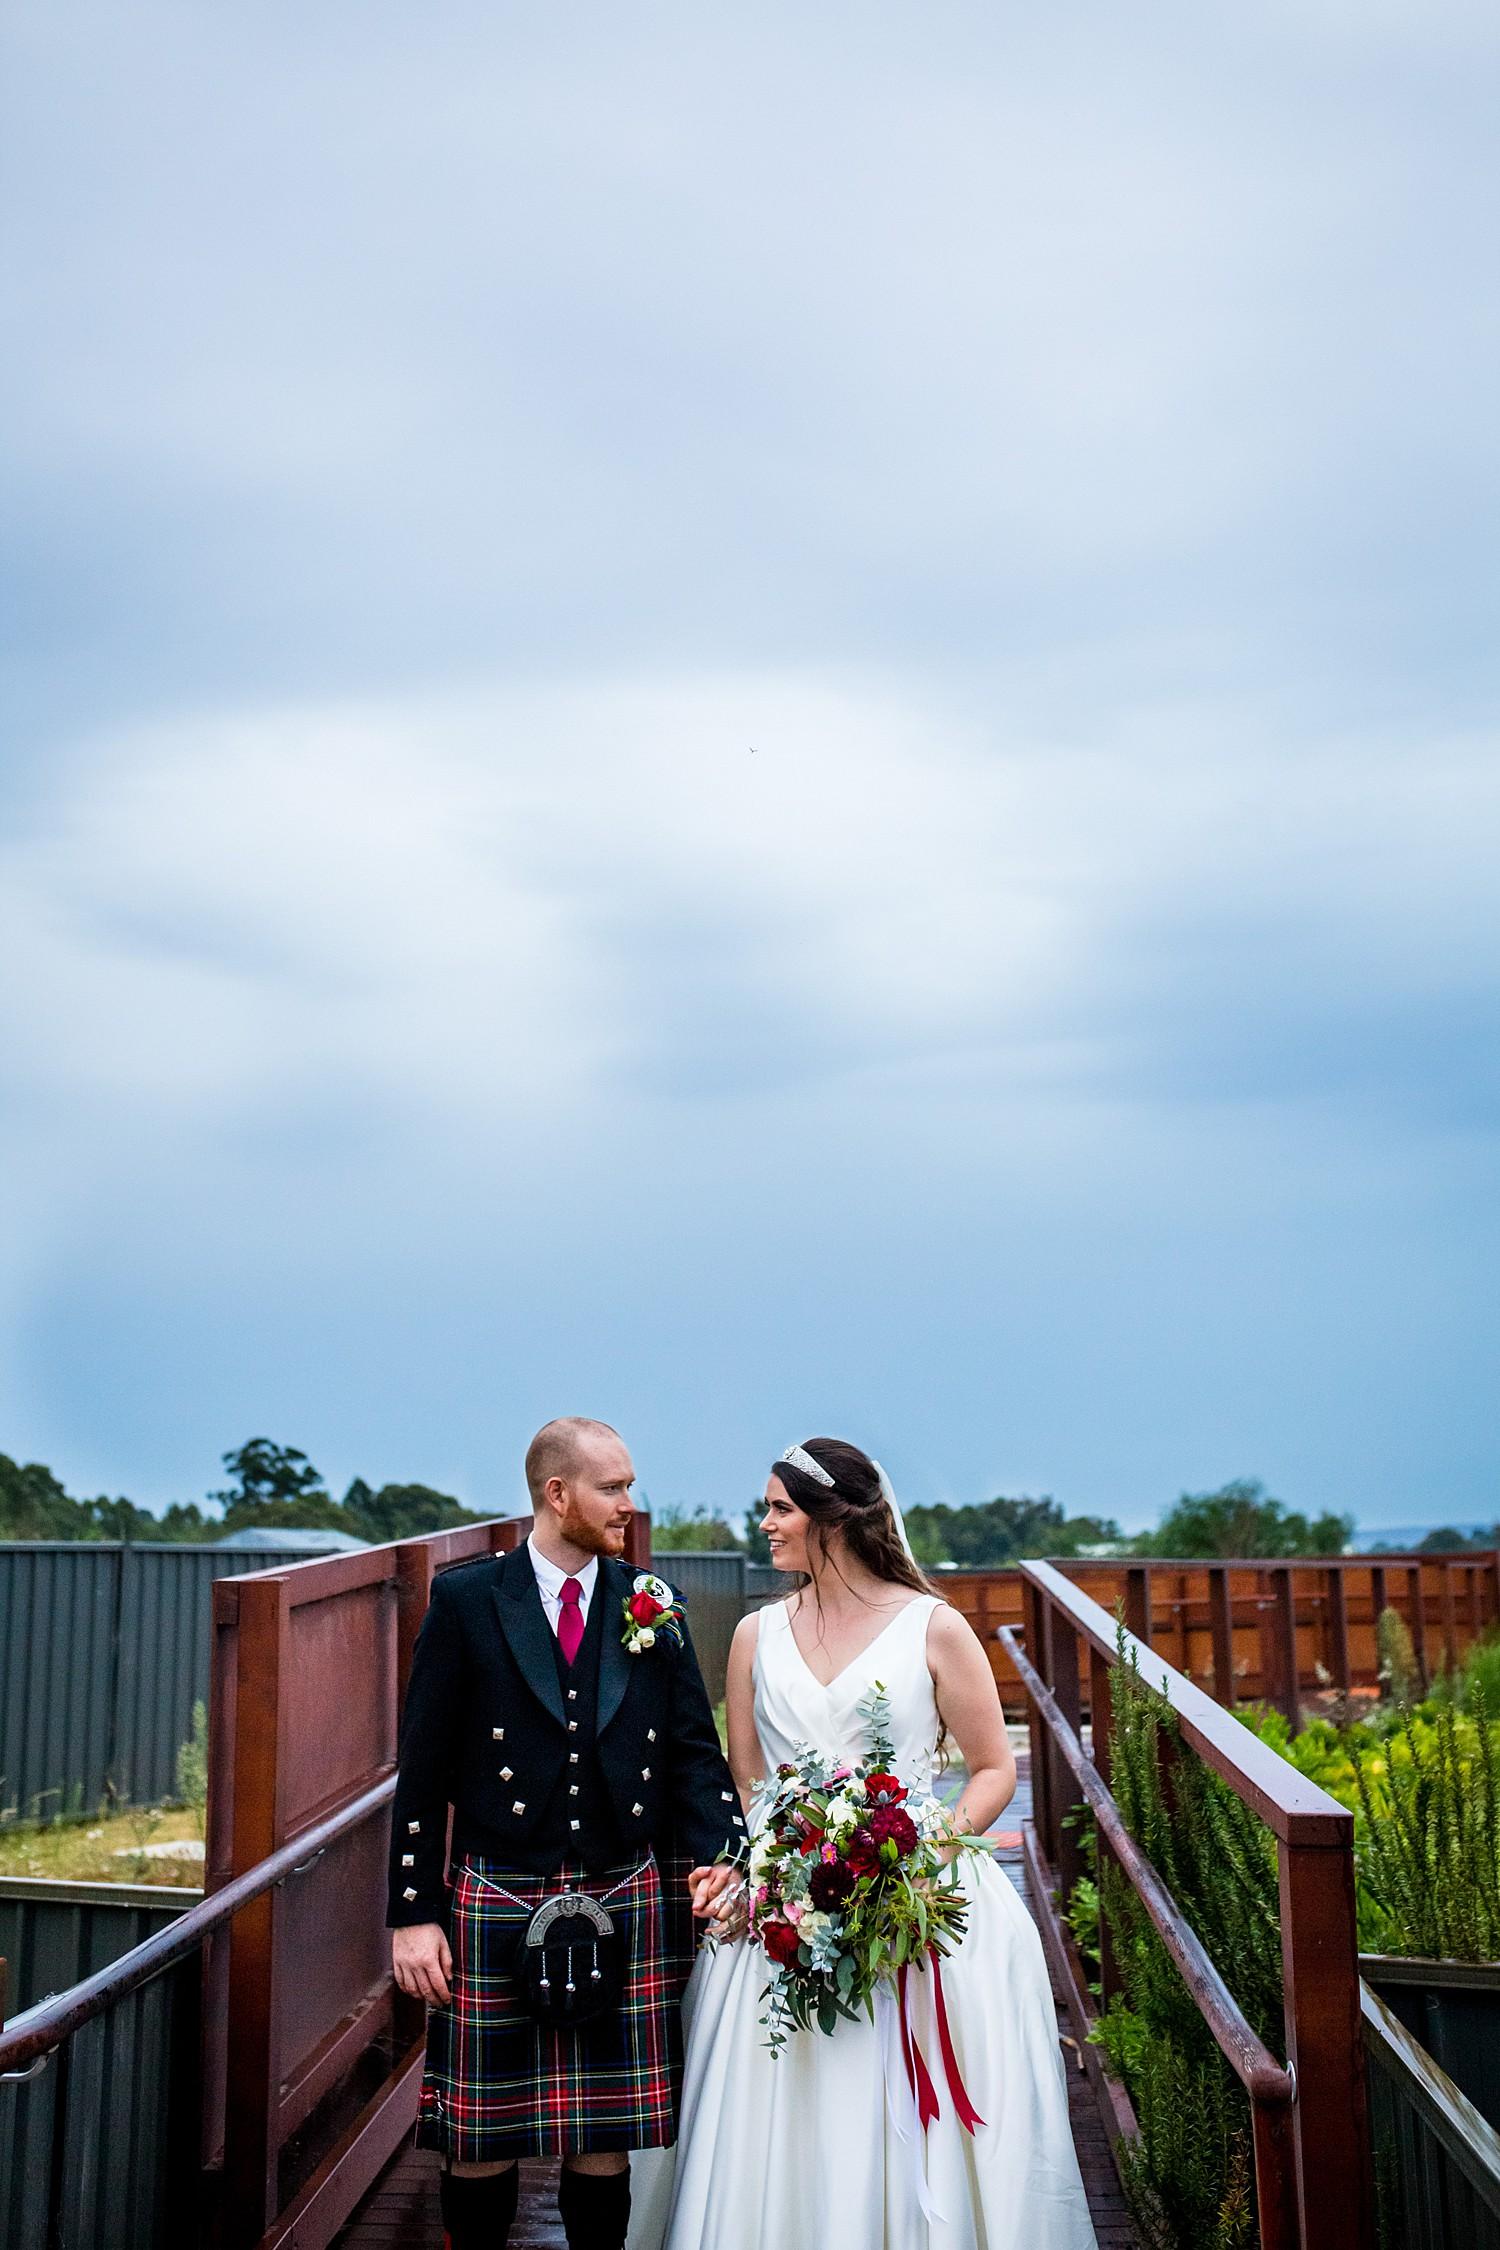 perth_swan_valley_scottish_rainy_wedding_0103.jpg